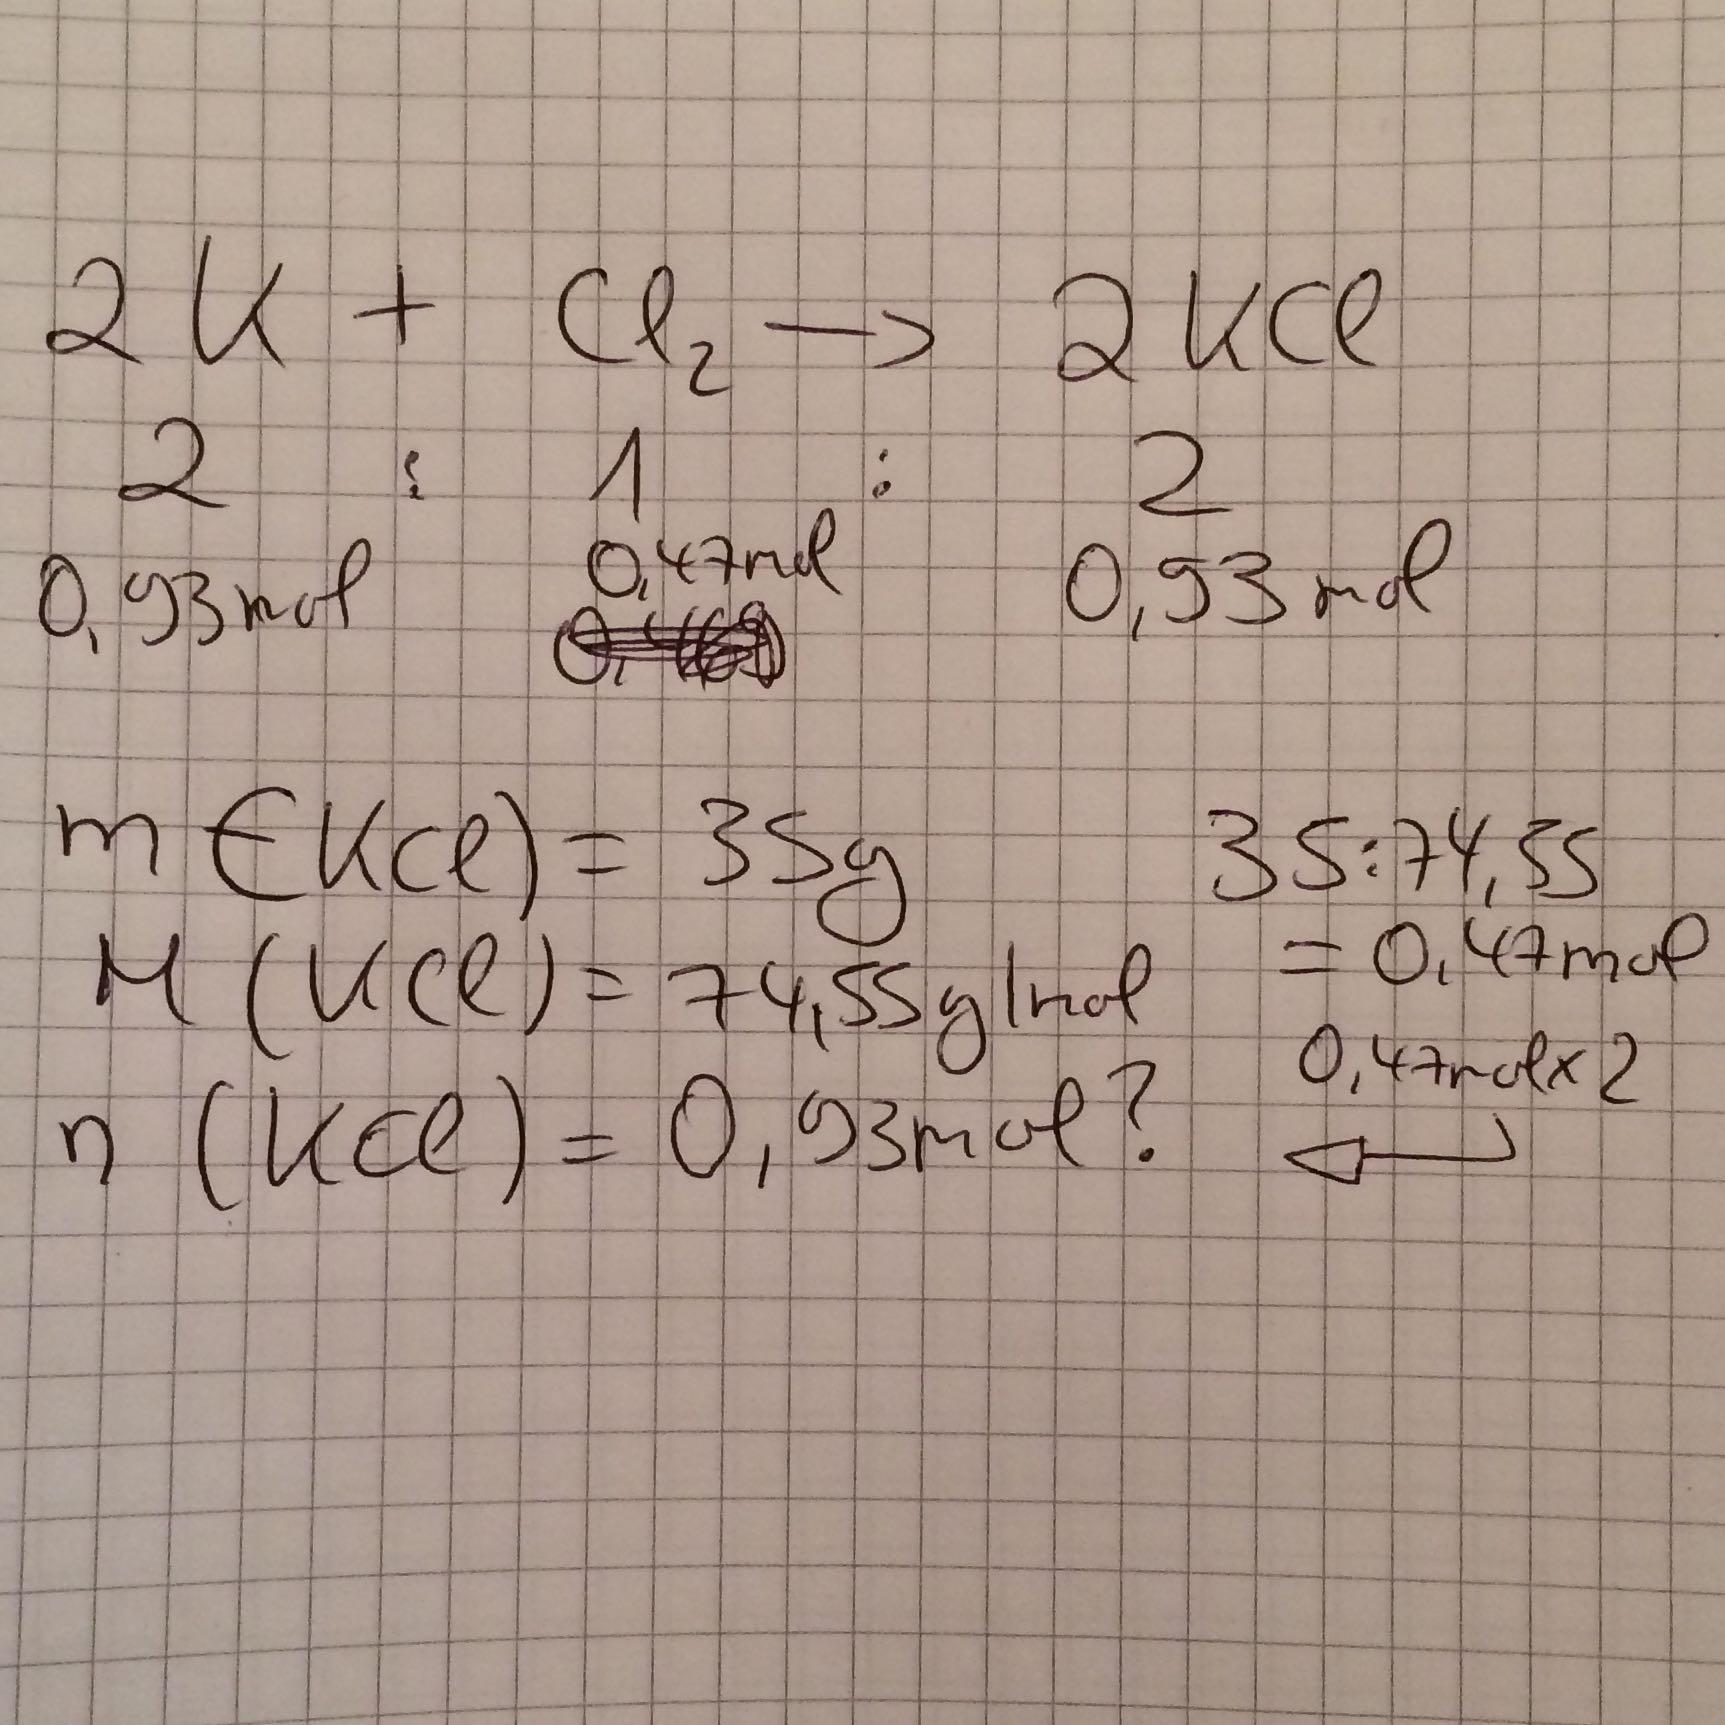 Falsche Lösung Chemisches rechnen? (Mathe, Chemie, Stöchimetrie)